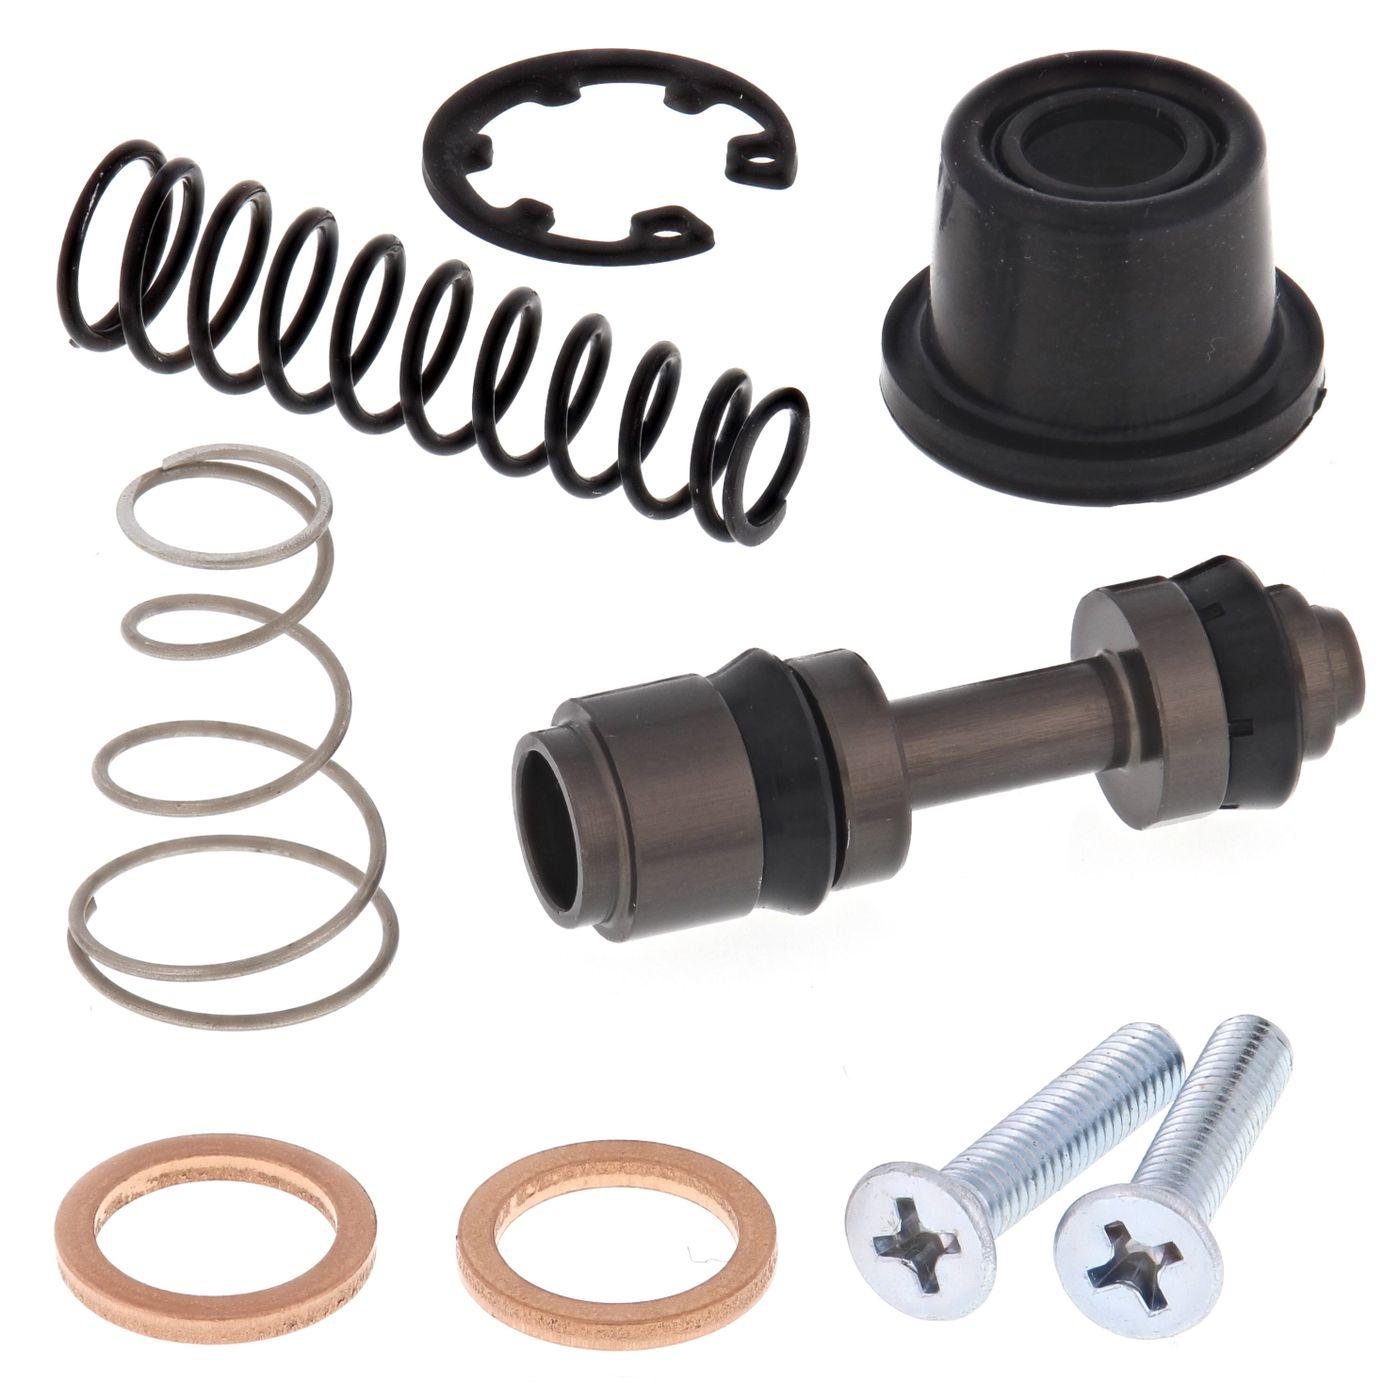 Wrp Master Cylinder Repair Kit - WRP181023 image